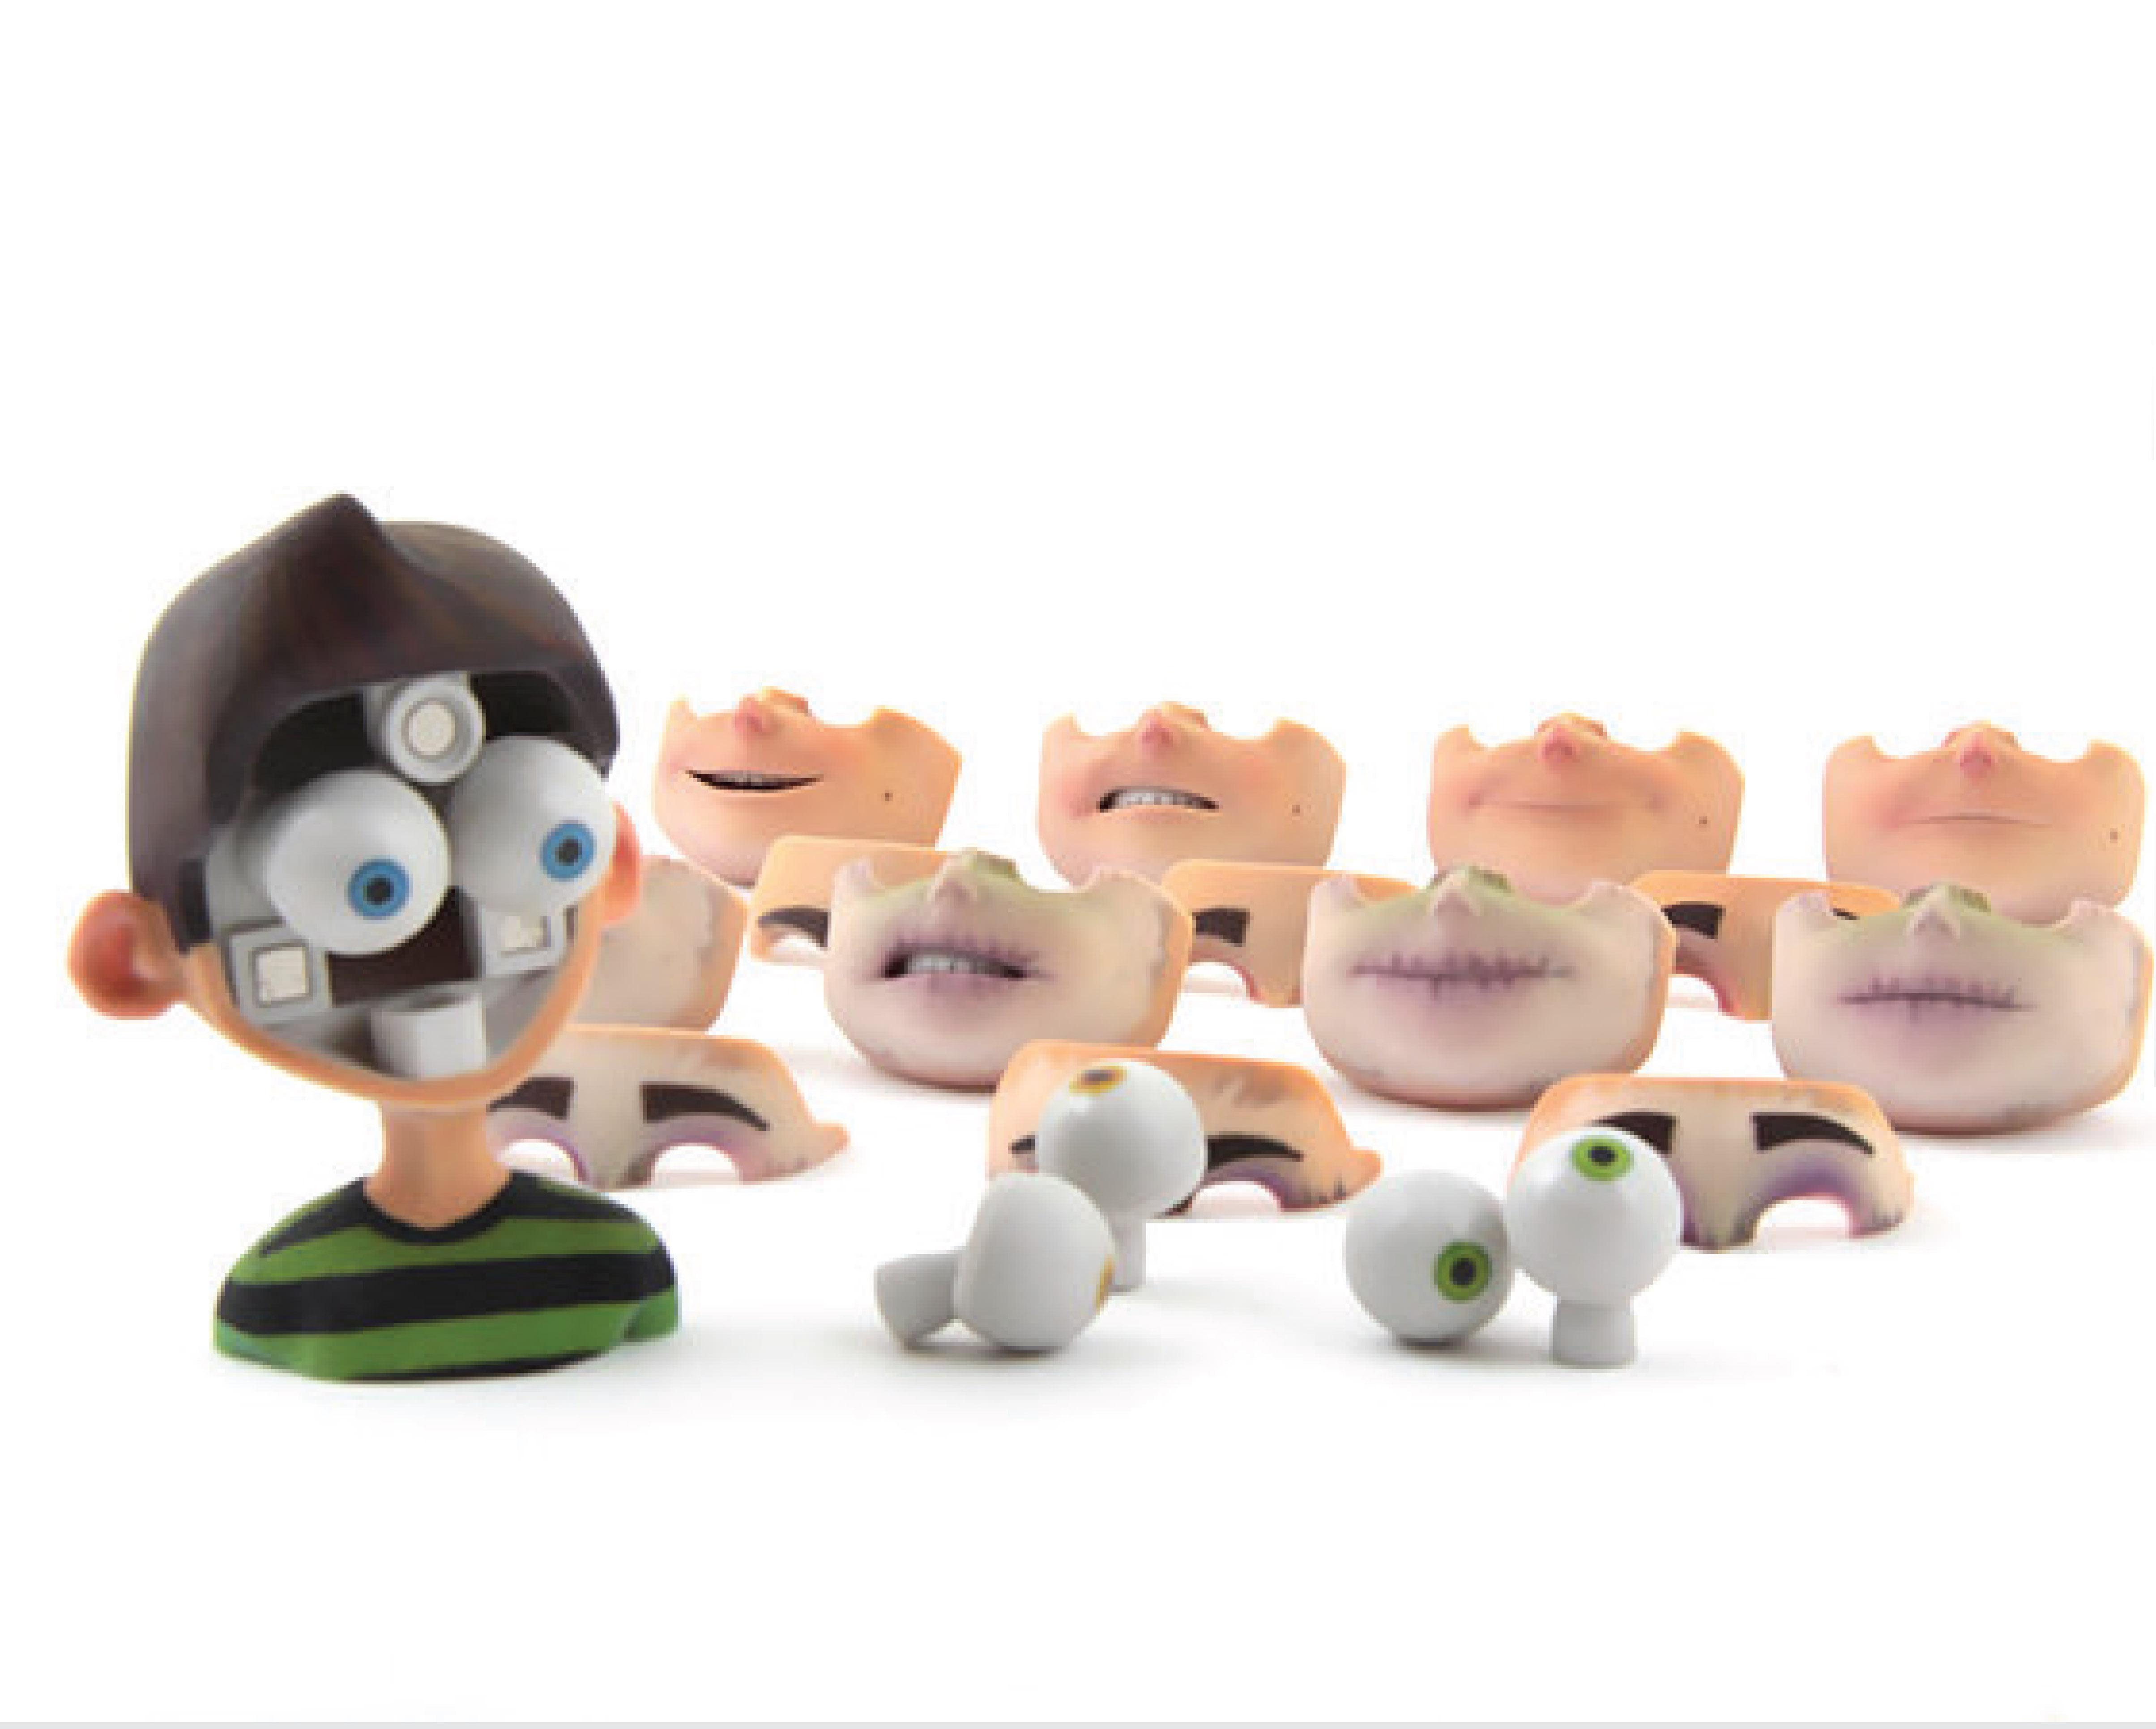 Il sistema di headset progettato da Protocube per consentire agli animatori di ottimizzare il processo di animazione delle espressioni del puppet